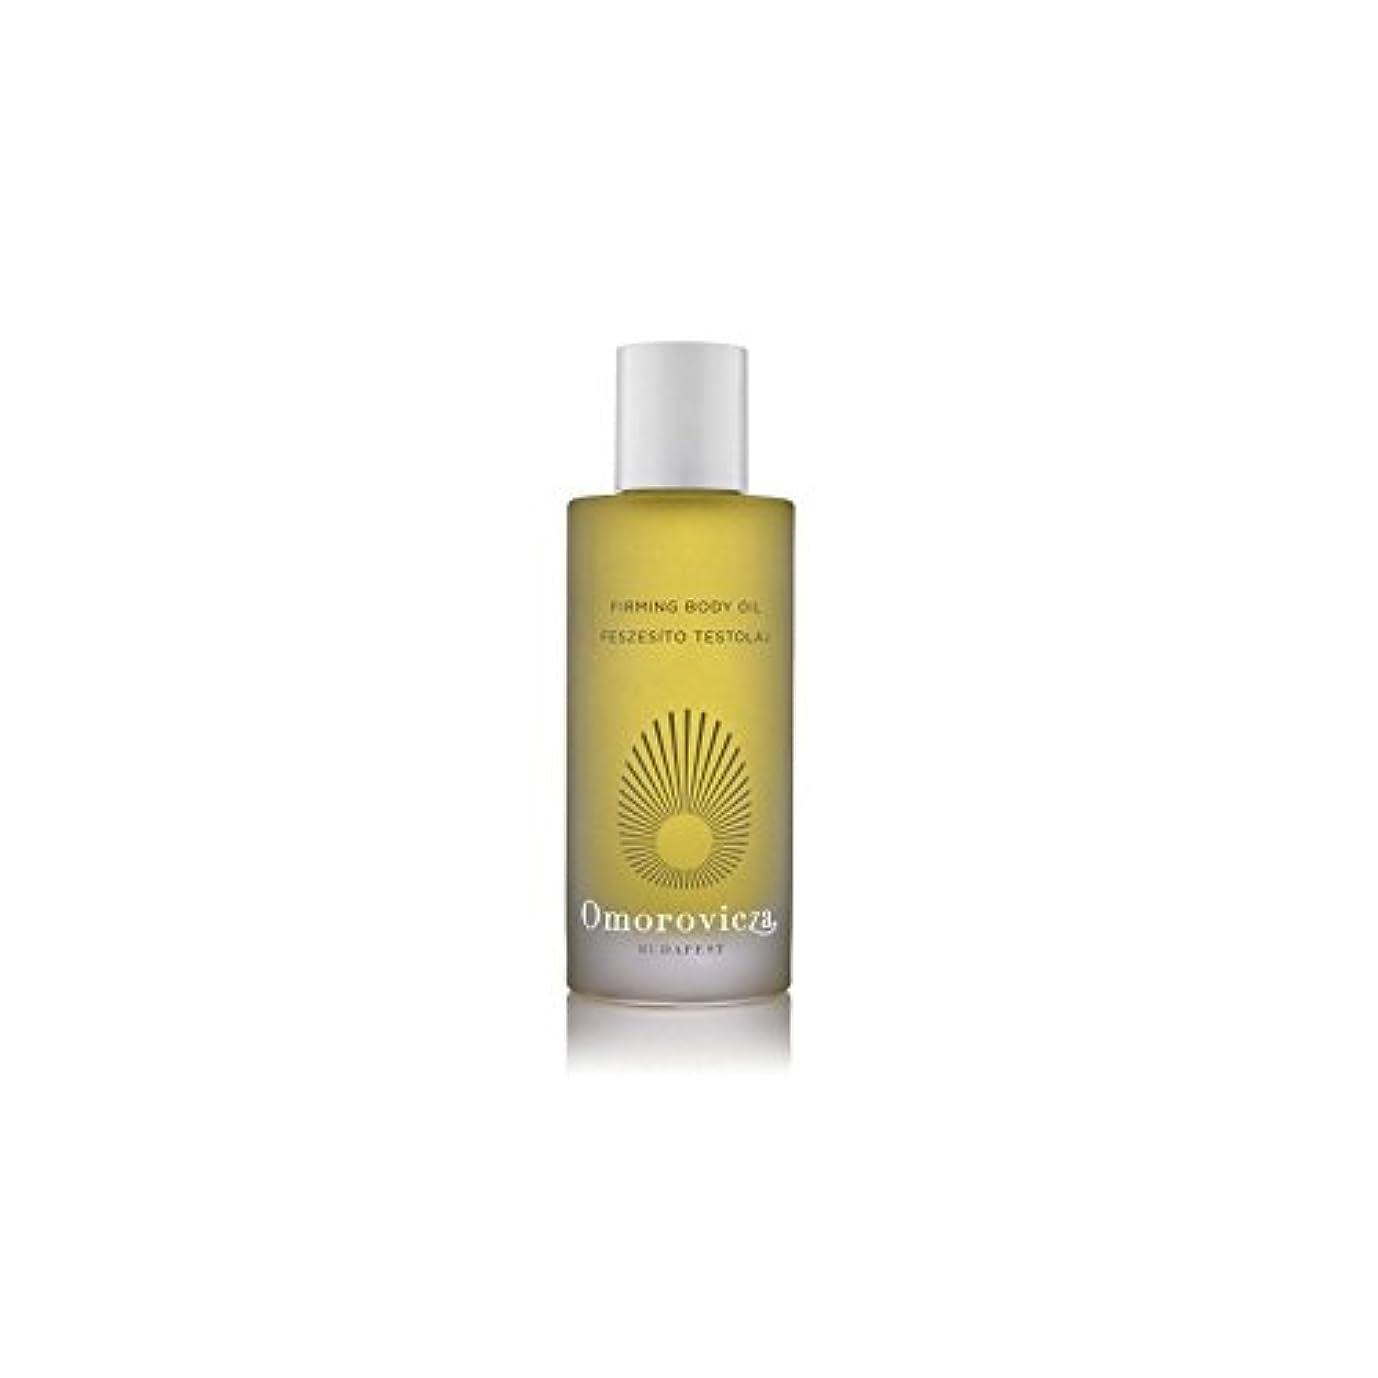 乱す羊飼い霊引き締めボディオイル(100ミリリットル) x2 - Omorovicza Firming Body Oil (100ml) (Pack of 2) [並行輸入品]